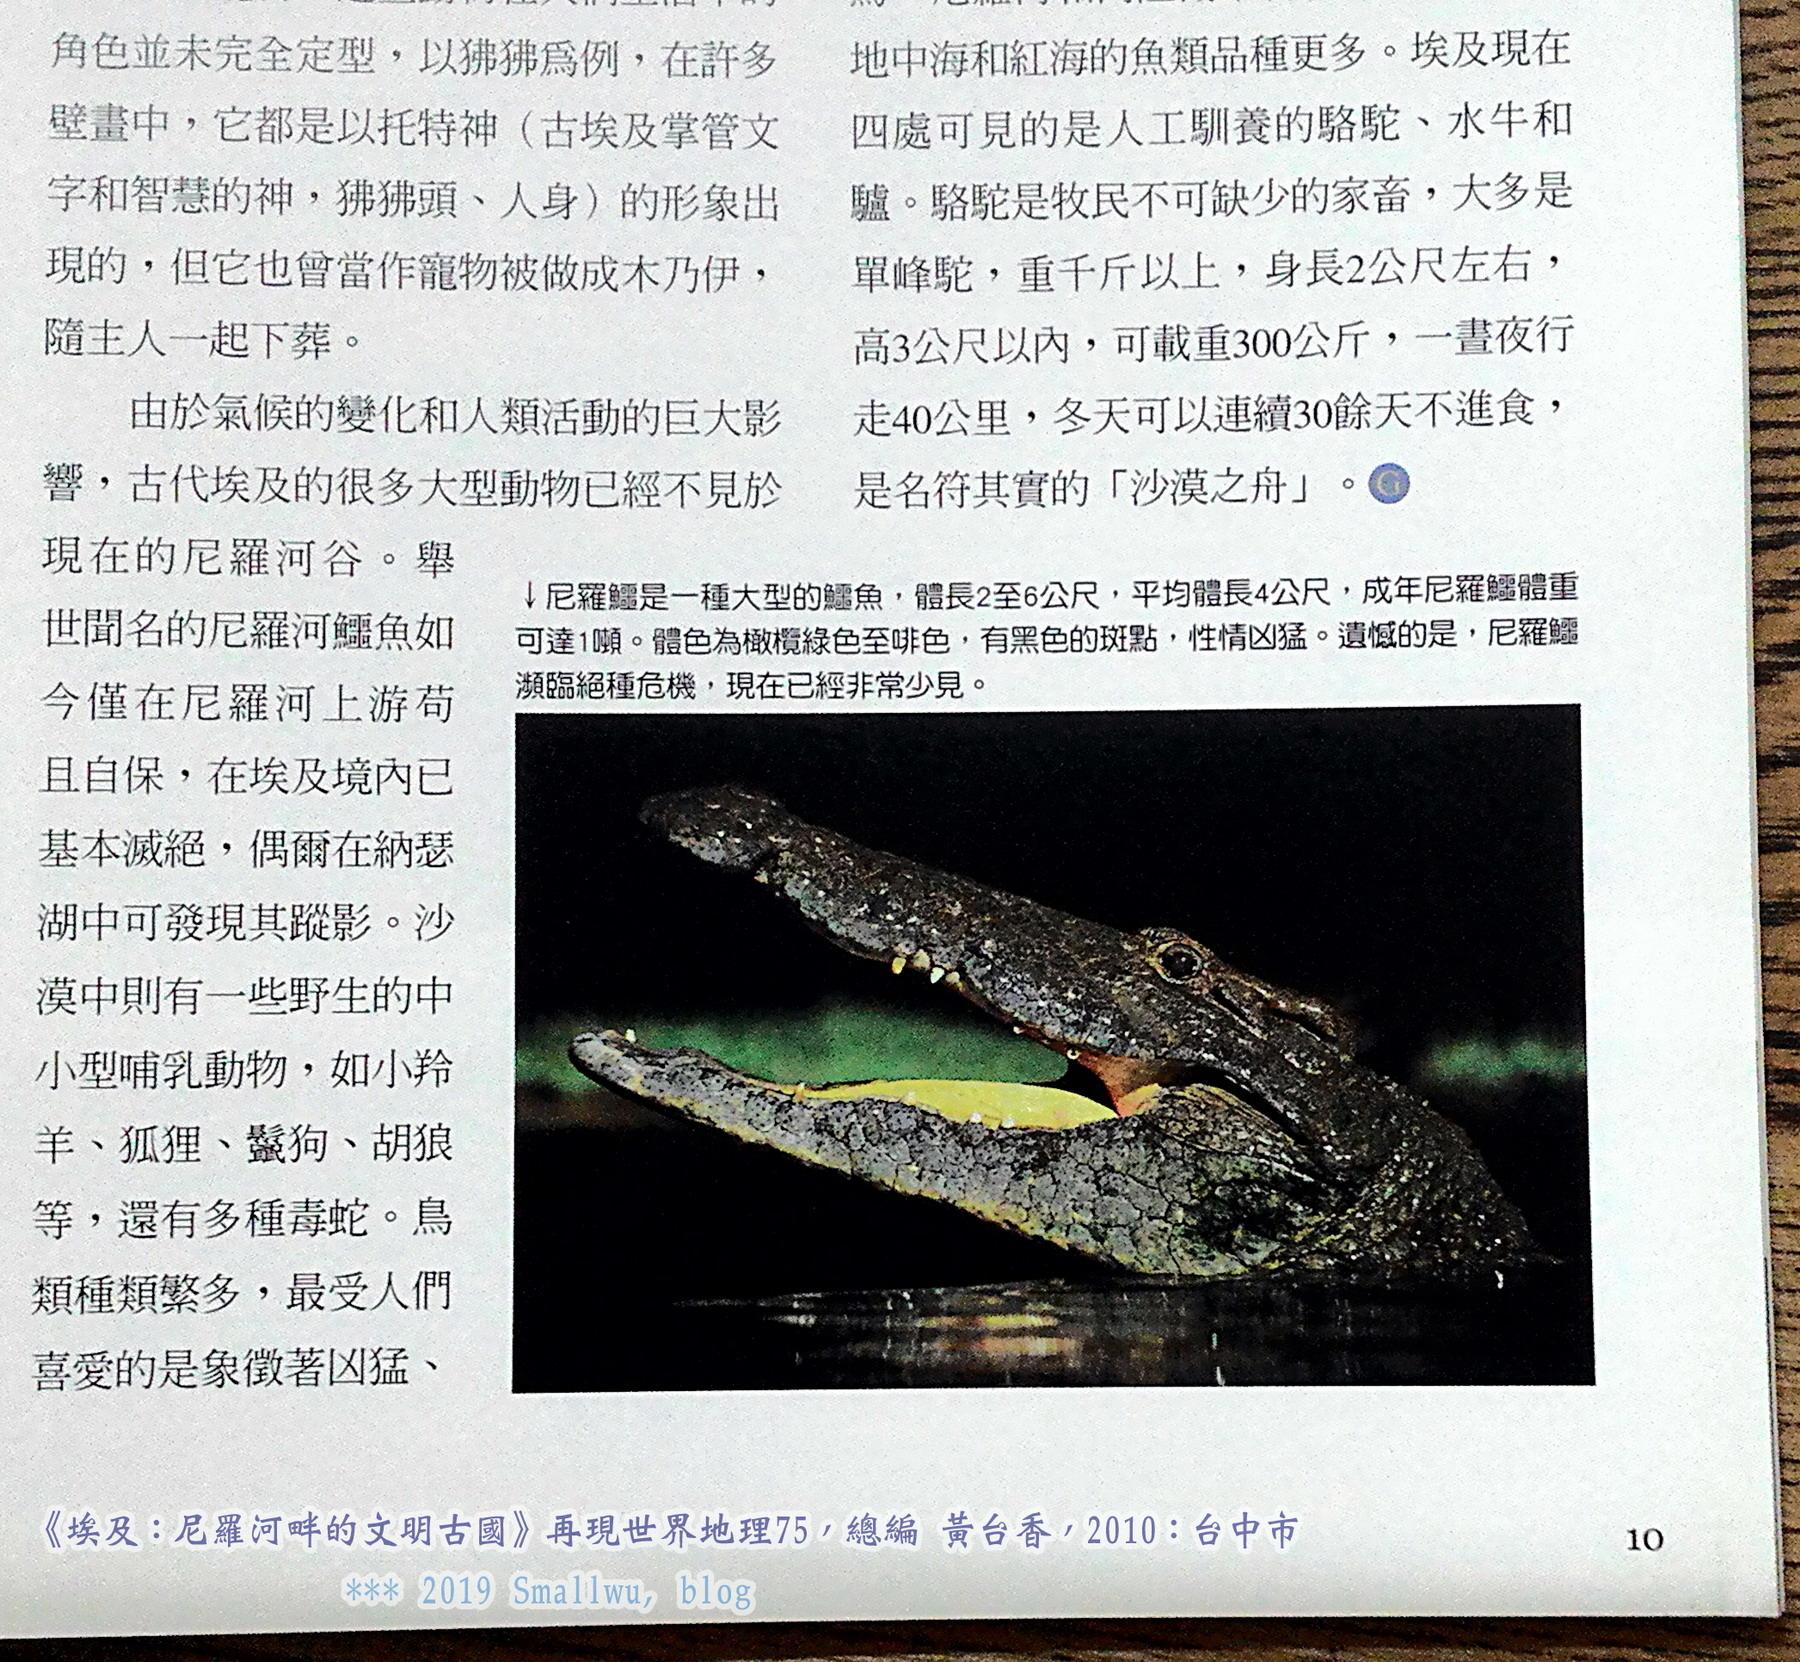 再現世界地理75-埃及-尼羅河畔的文明古國_03 埃及鱷魚.jpg